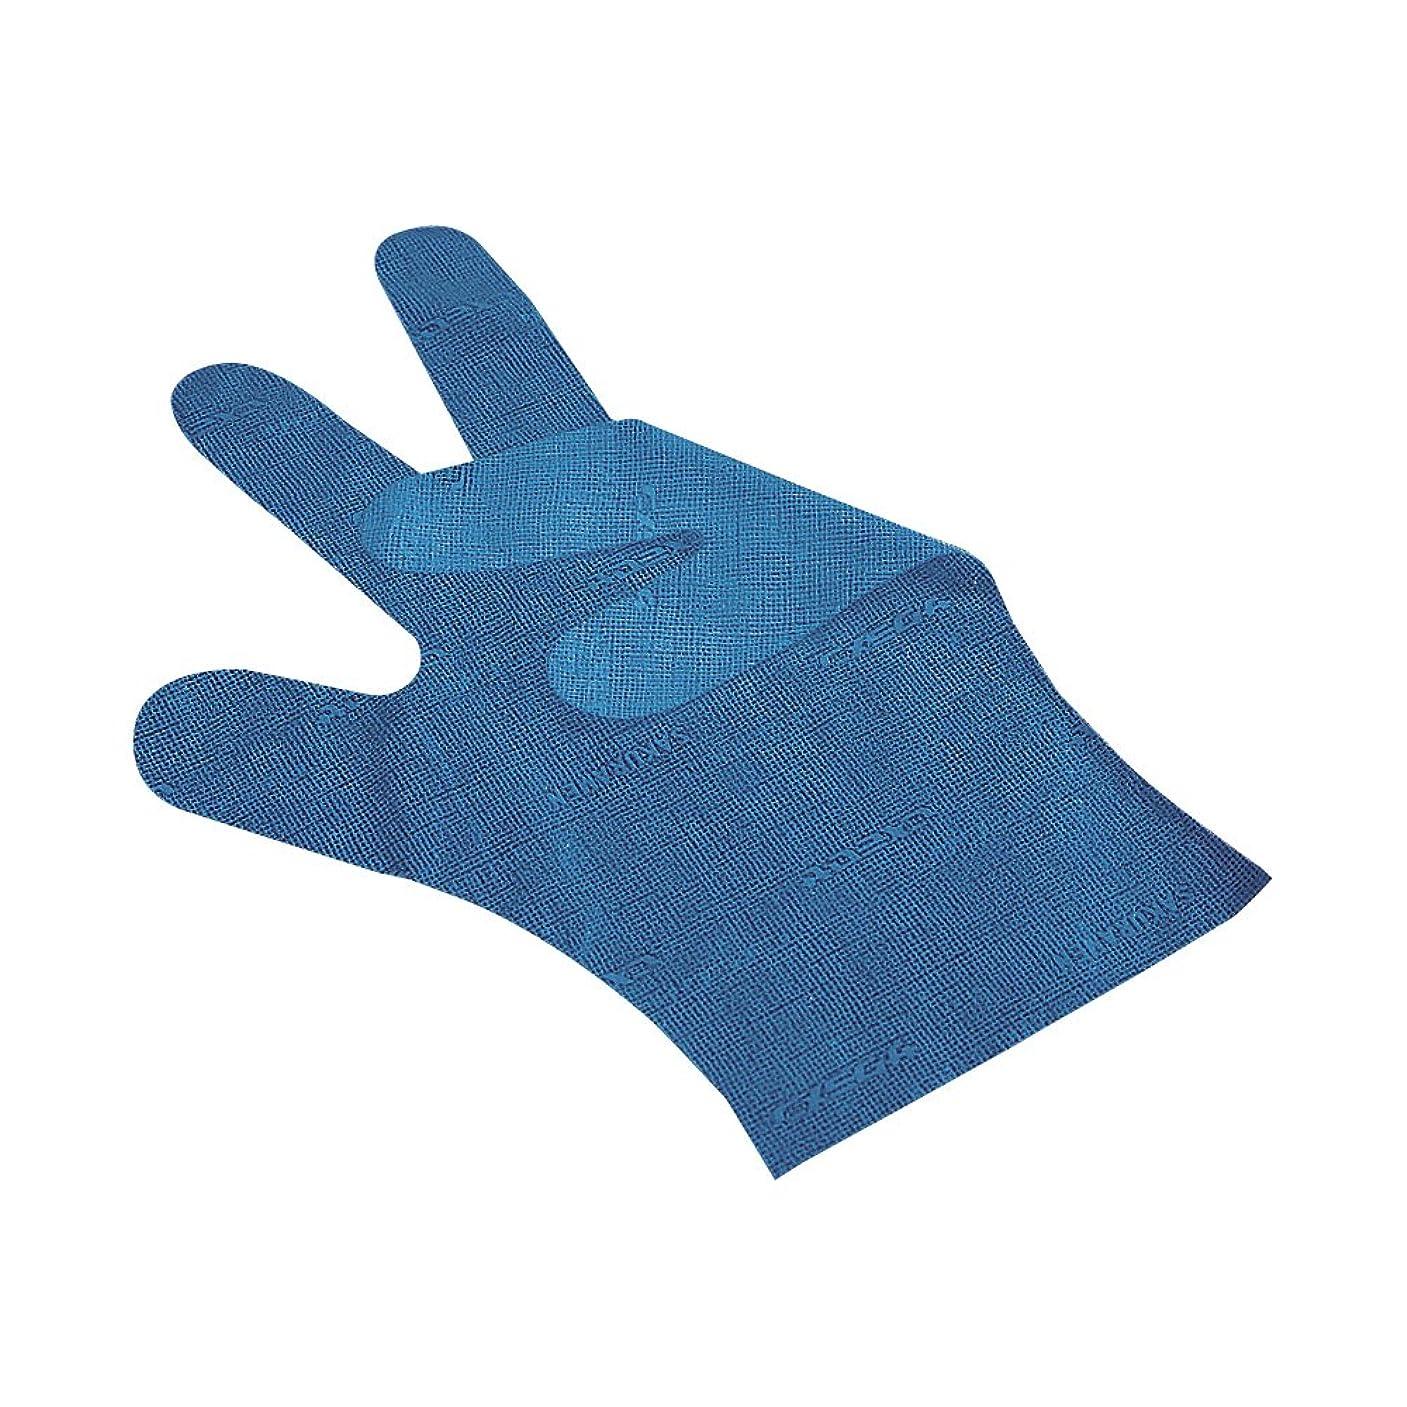 プラグ衝撃予想するサクラメンエンボス手袋 デラックス ブルー L 100枚入